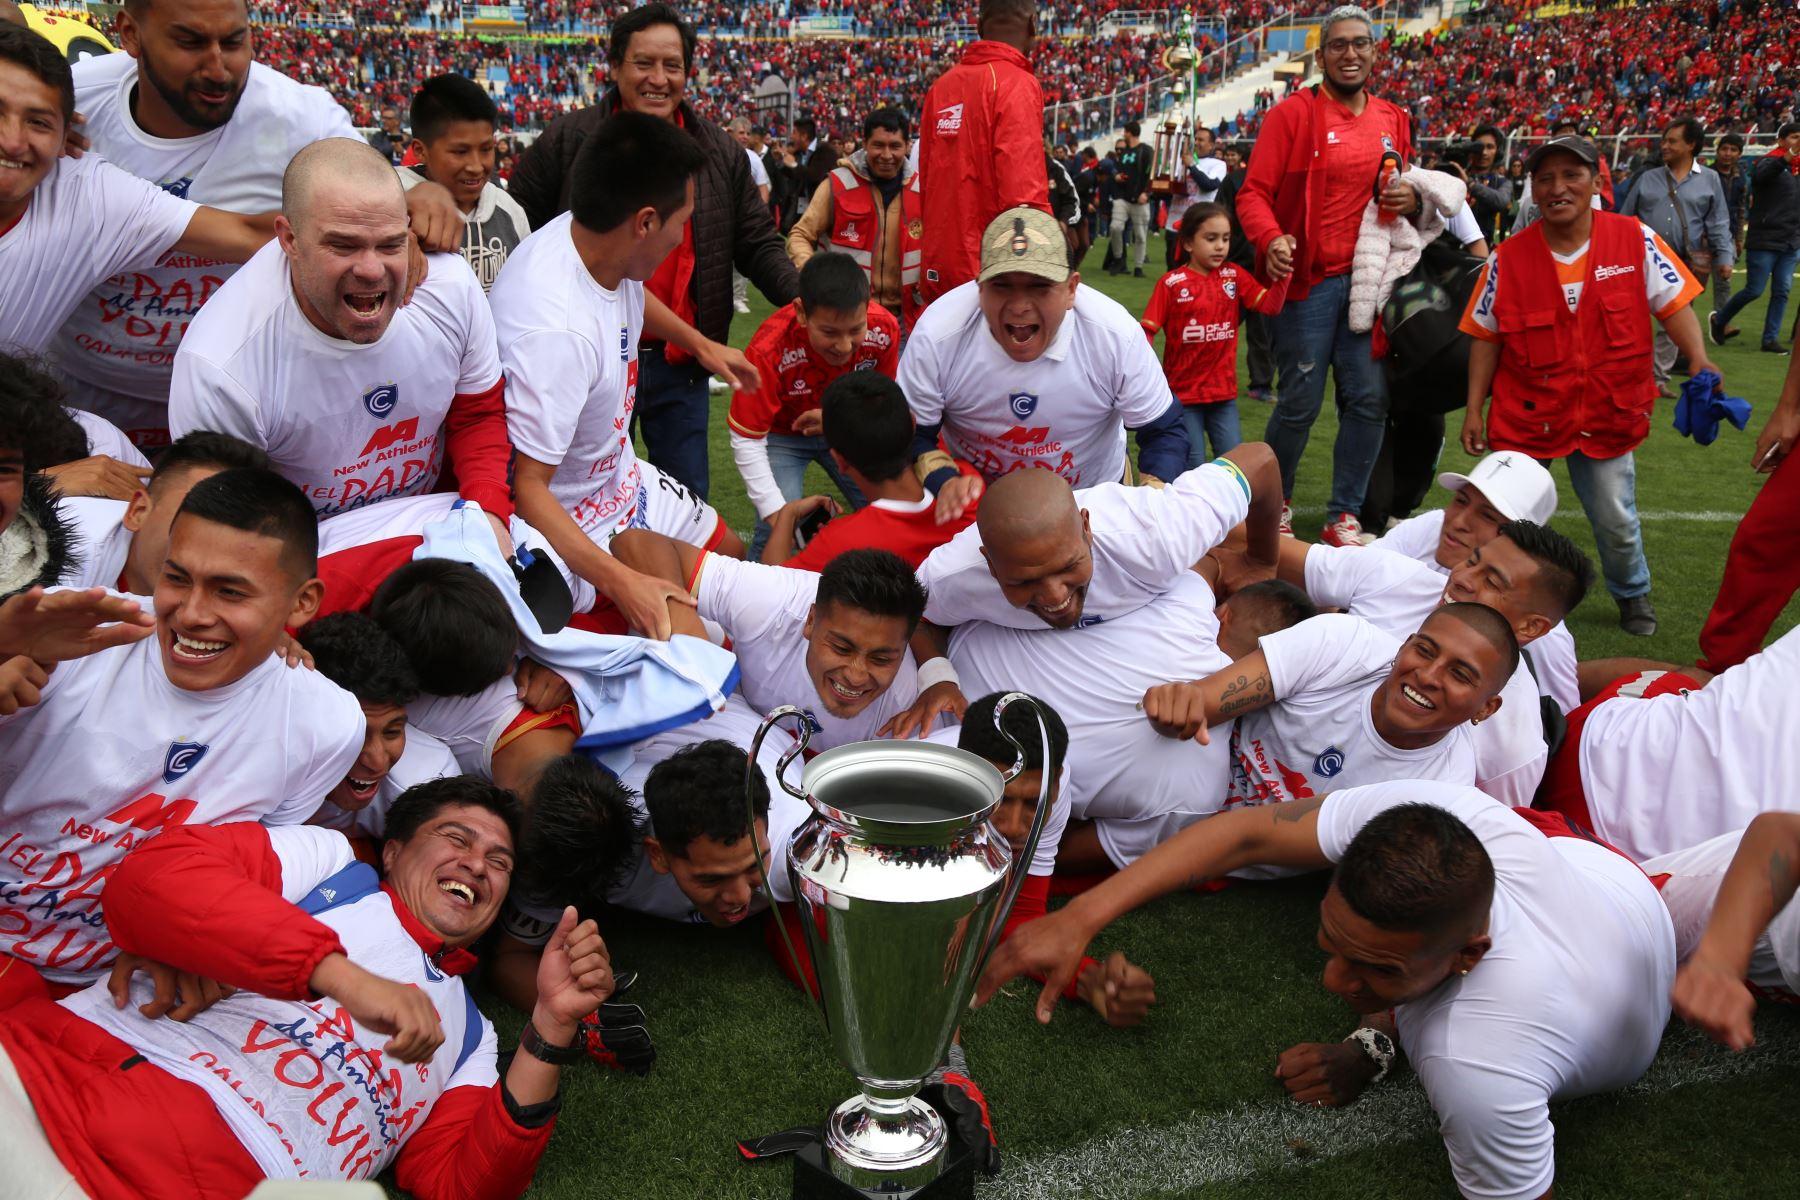 Tras cinco años de estar ausente en la Primera División, el Cienciano del Cusco regresó tras derrotar 4-2 al Santos FC y se aseguró su pase a la máxima categoría del fútbol profesional peruano. Foto: Cortesía Genry Bautista